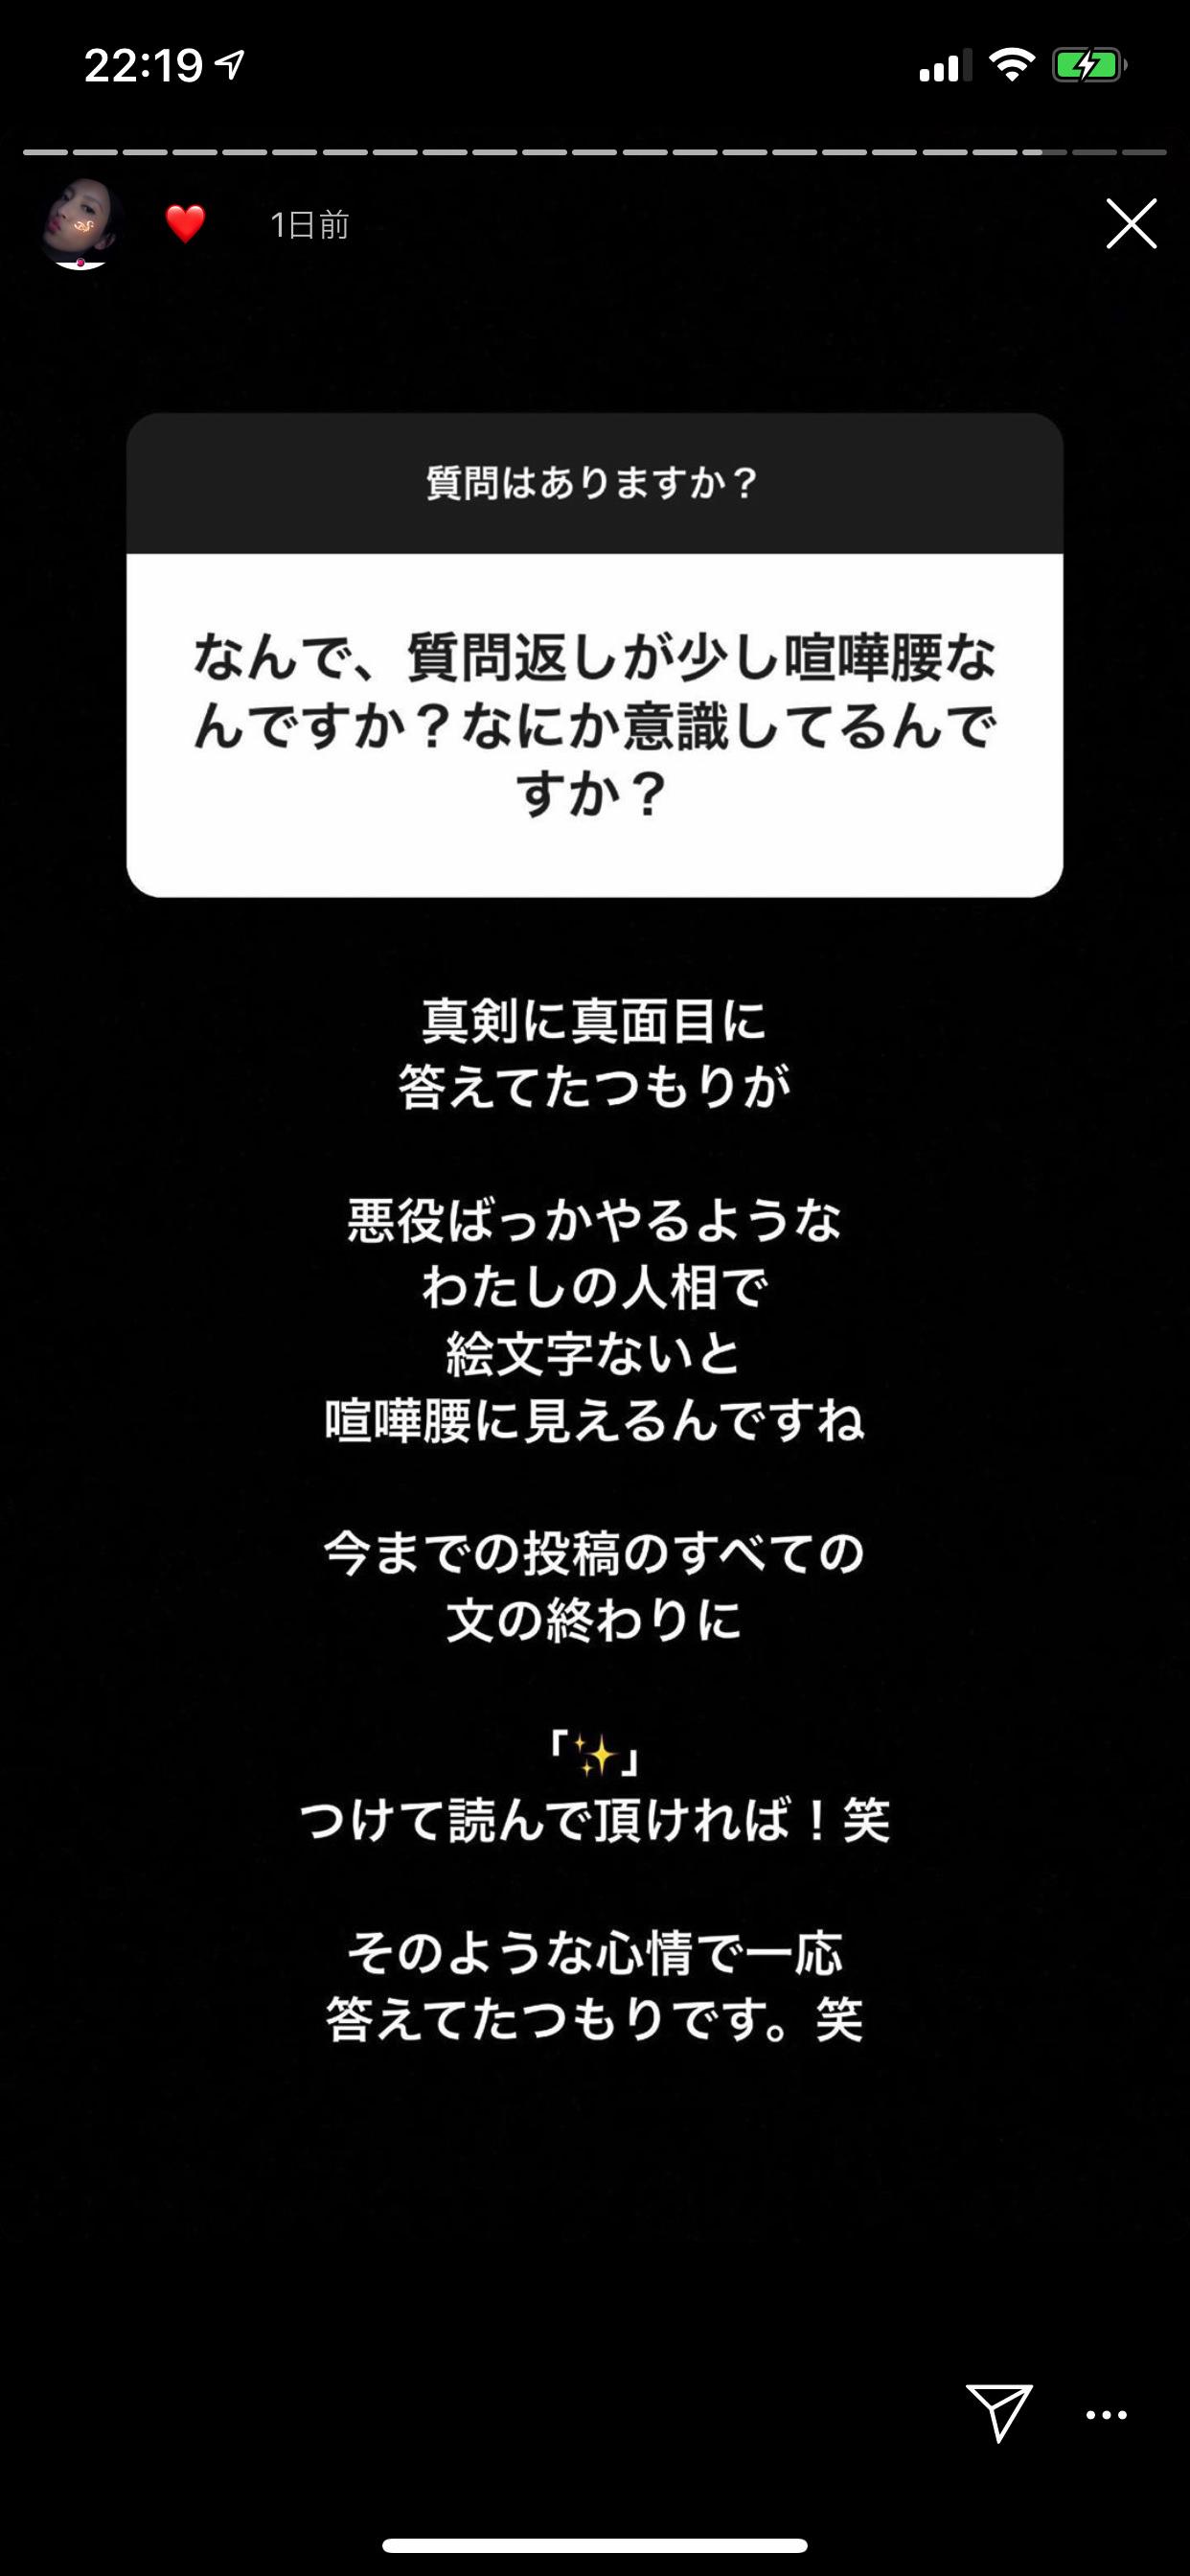 nanao-instagram-7